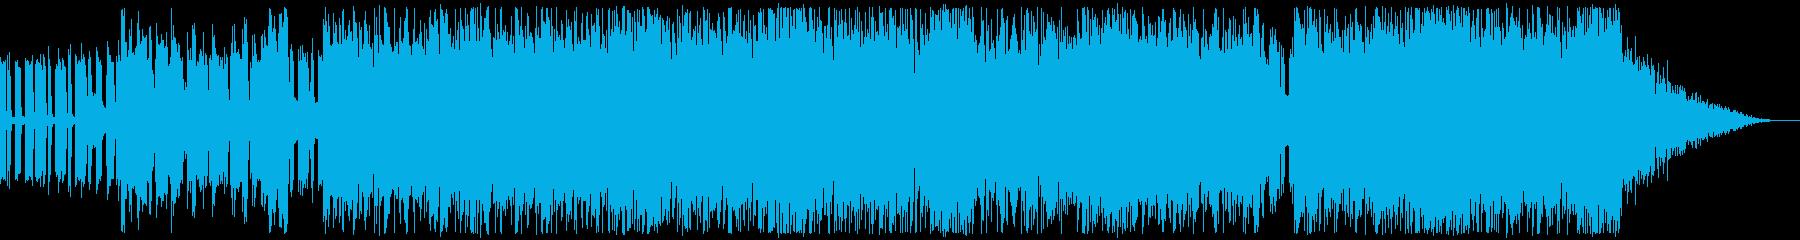 ノリの良いトランス系BGMの再生済みの波形